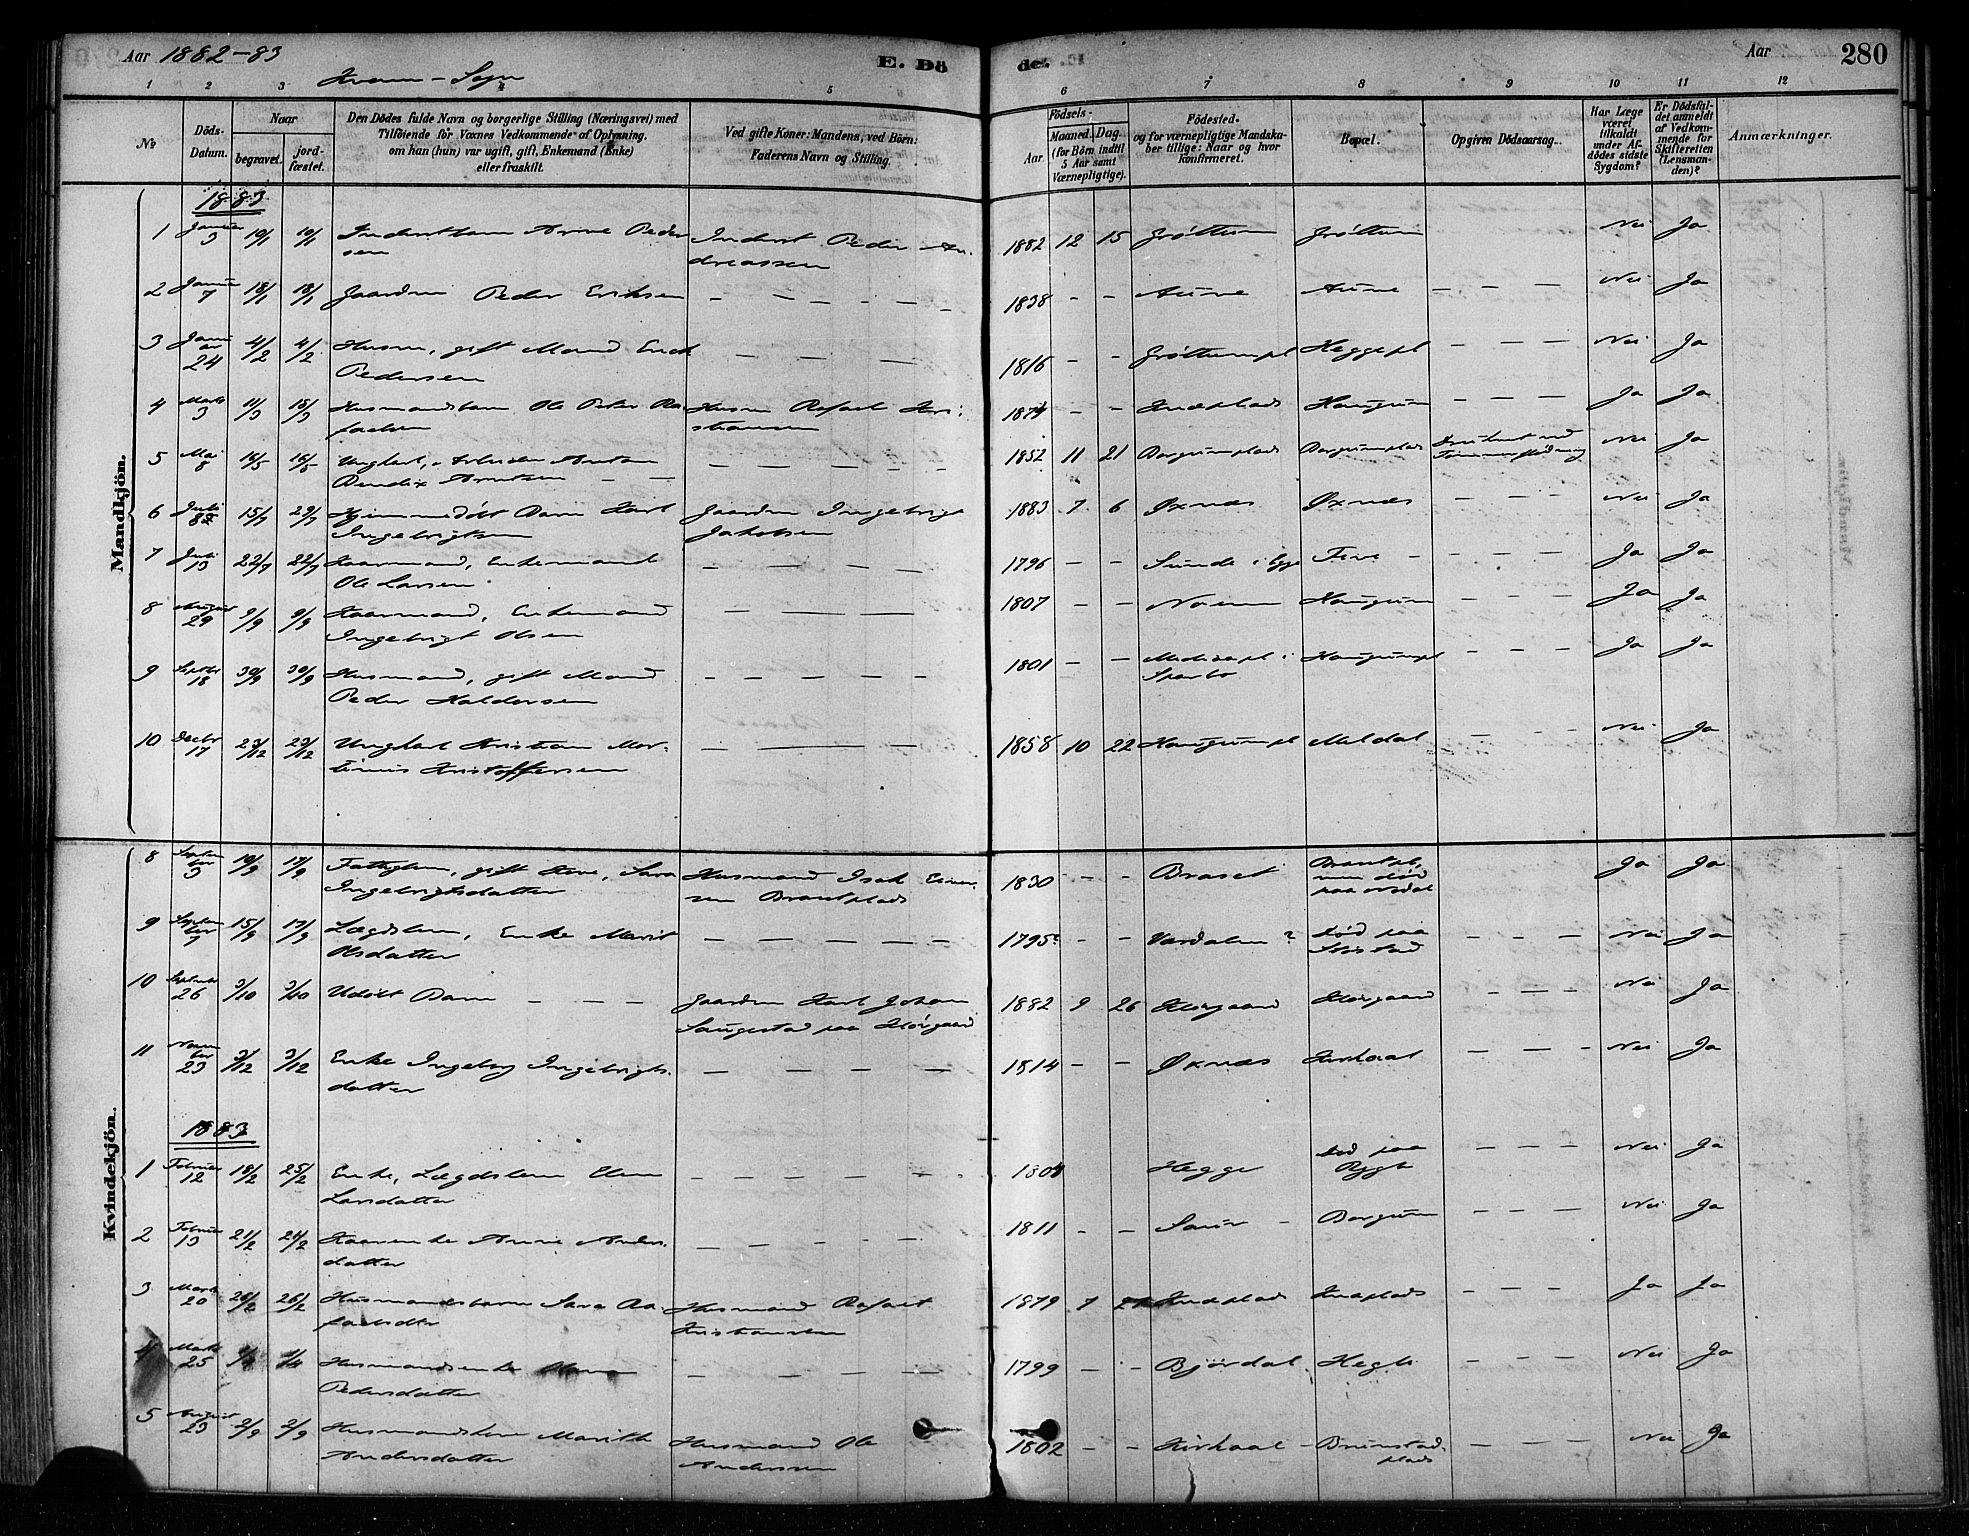 SAT, Ministerialprotokoller, klokkerbøker og fødselsregistre - Nord-Trøndelag, 746/L0449: Ministerialbok nr. 746A07 /2, 1878-1899, s. 280